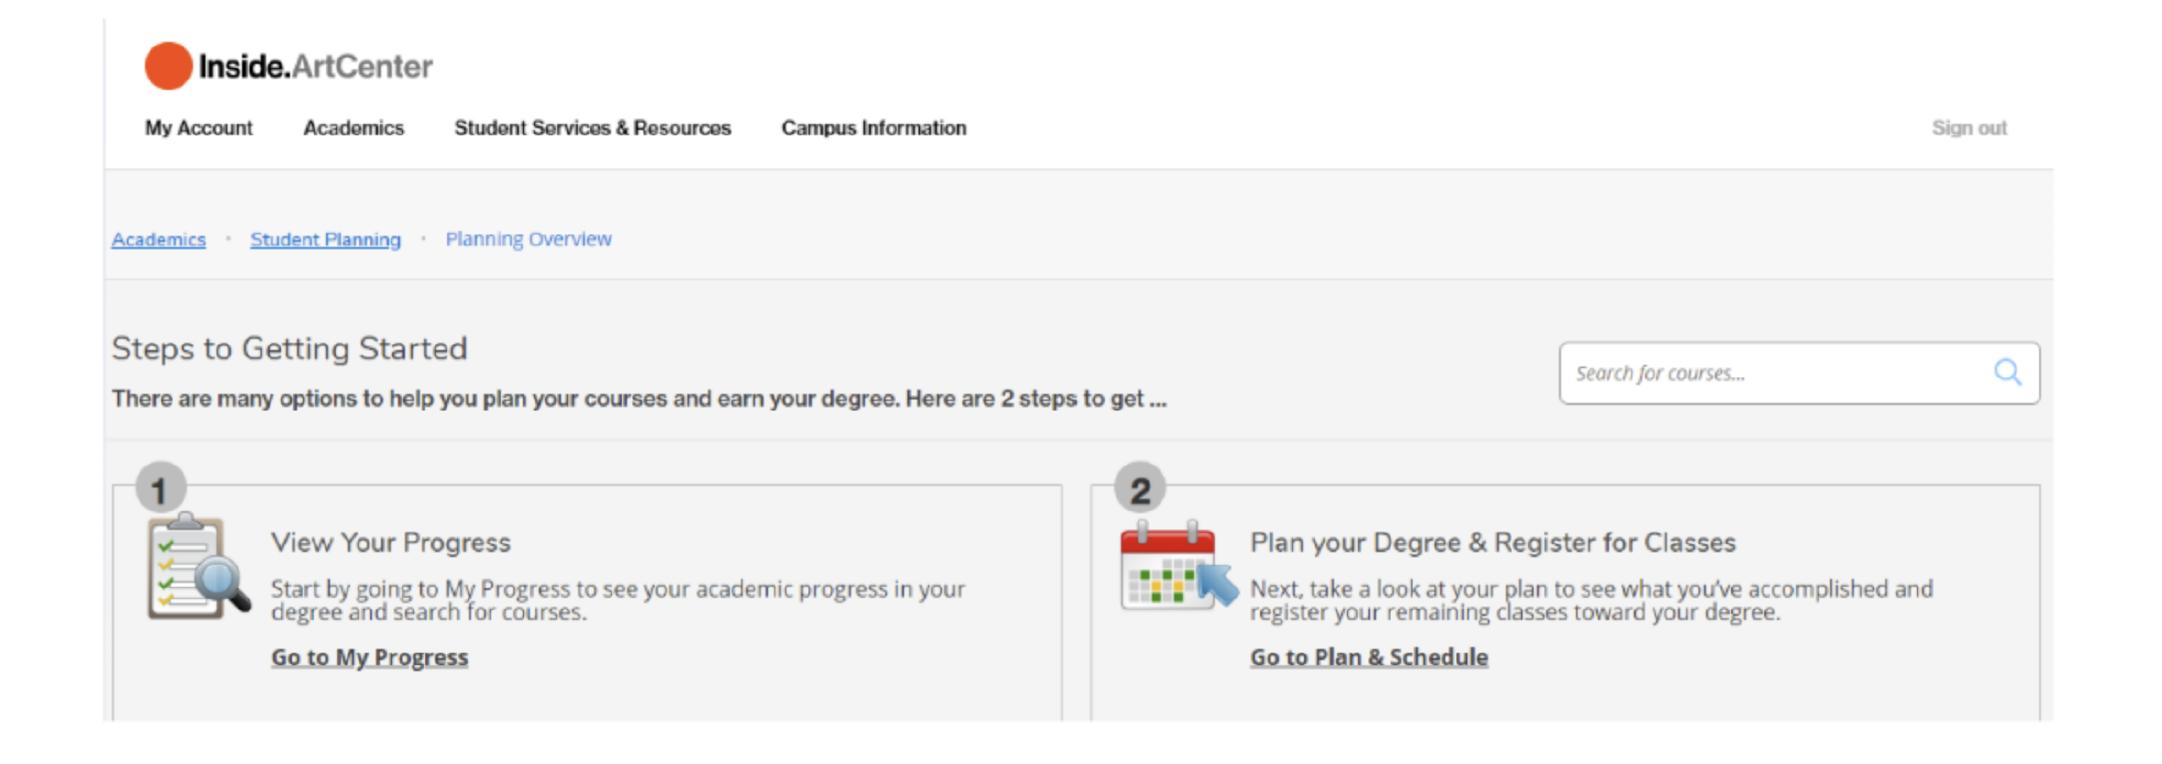 screen grab student dashboard menu